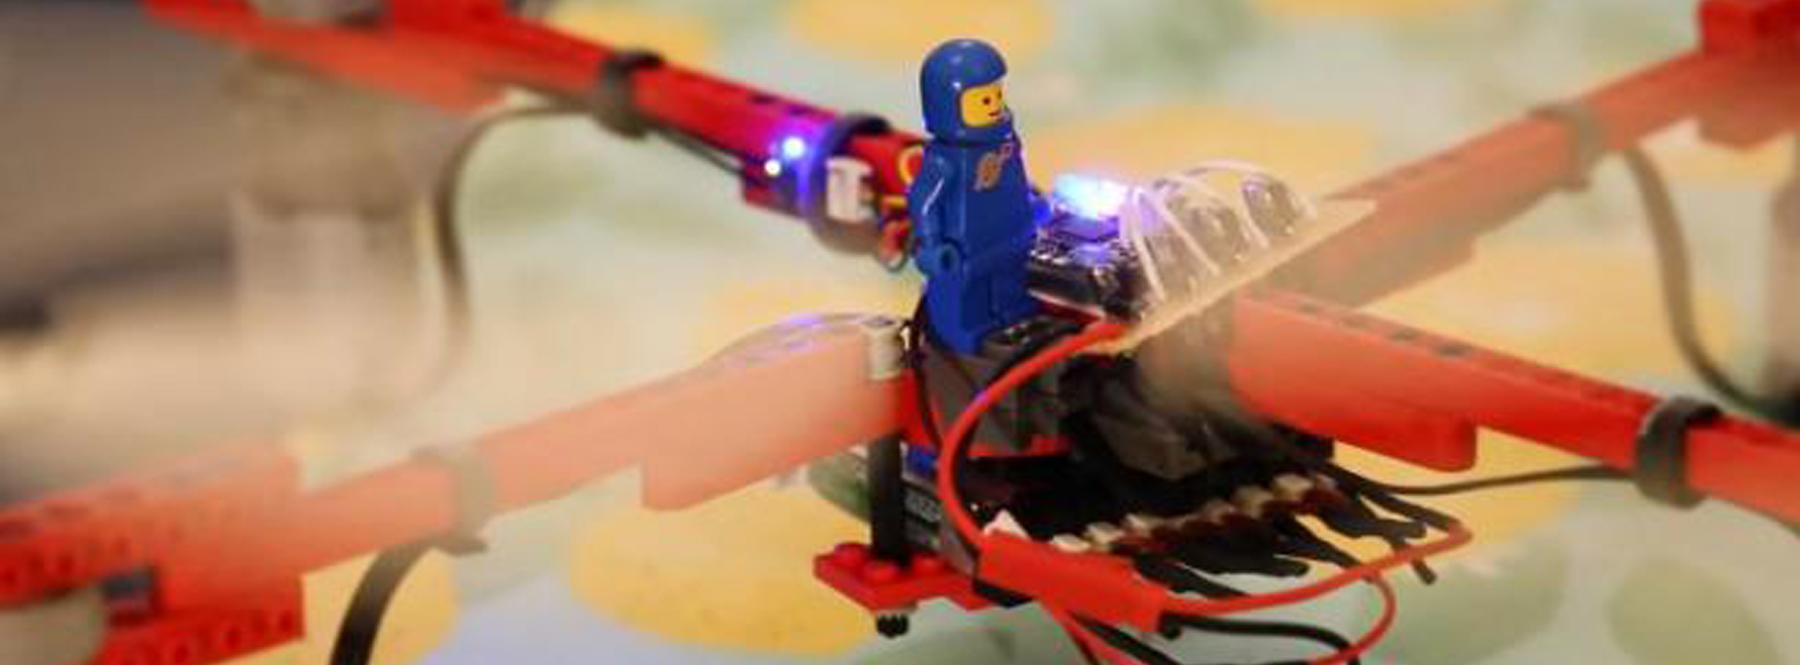 El primer dron funcional hecho casi completamente con piezas de Lego